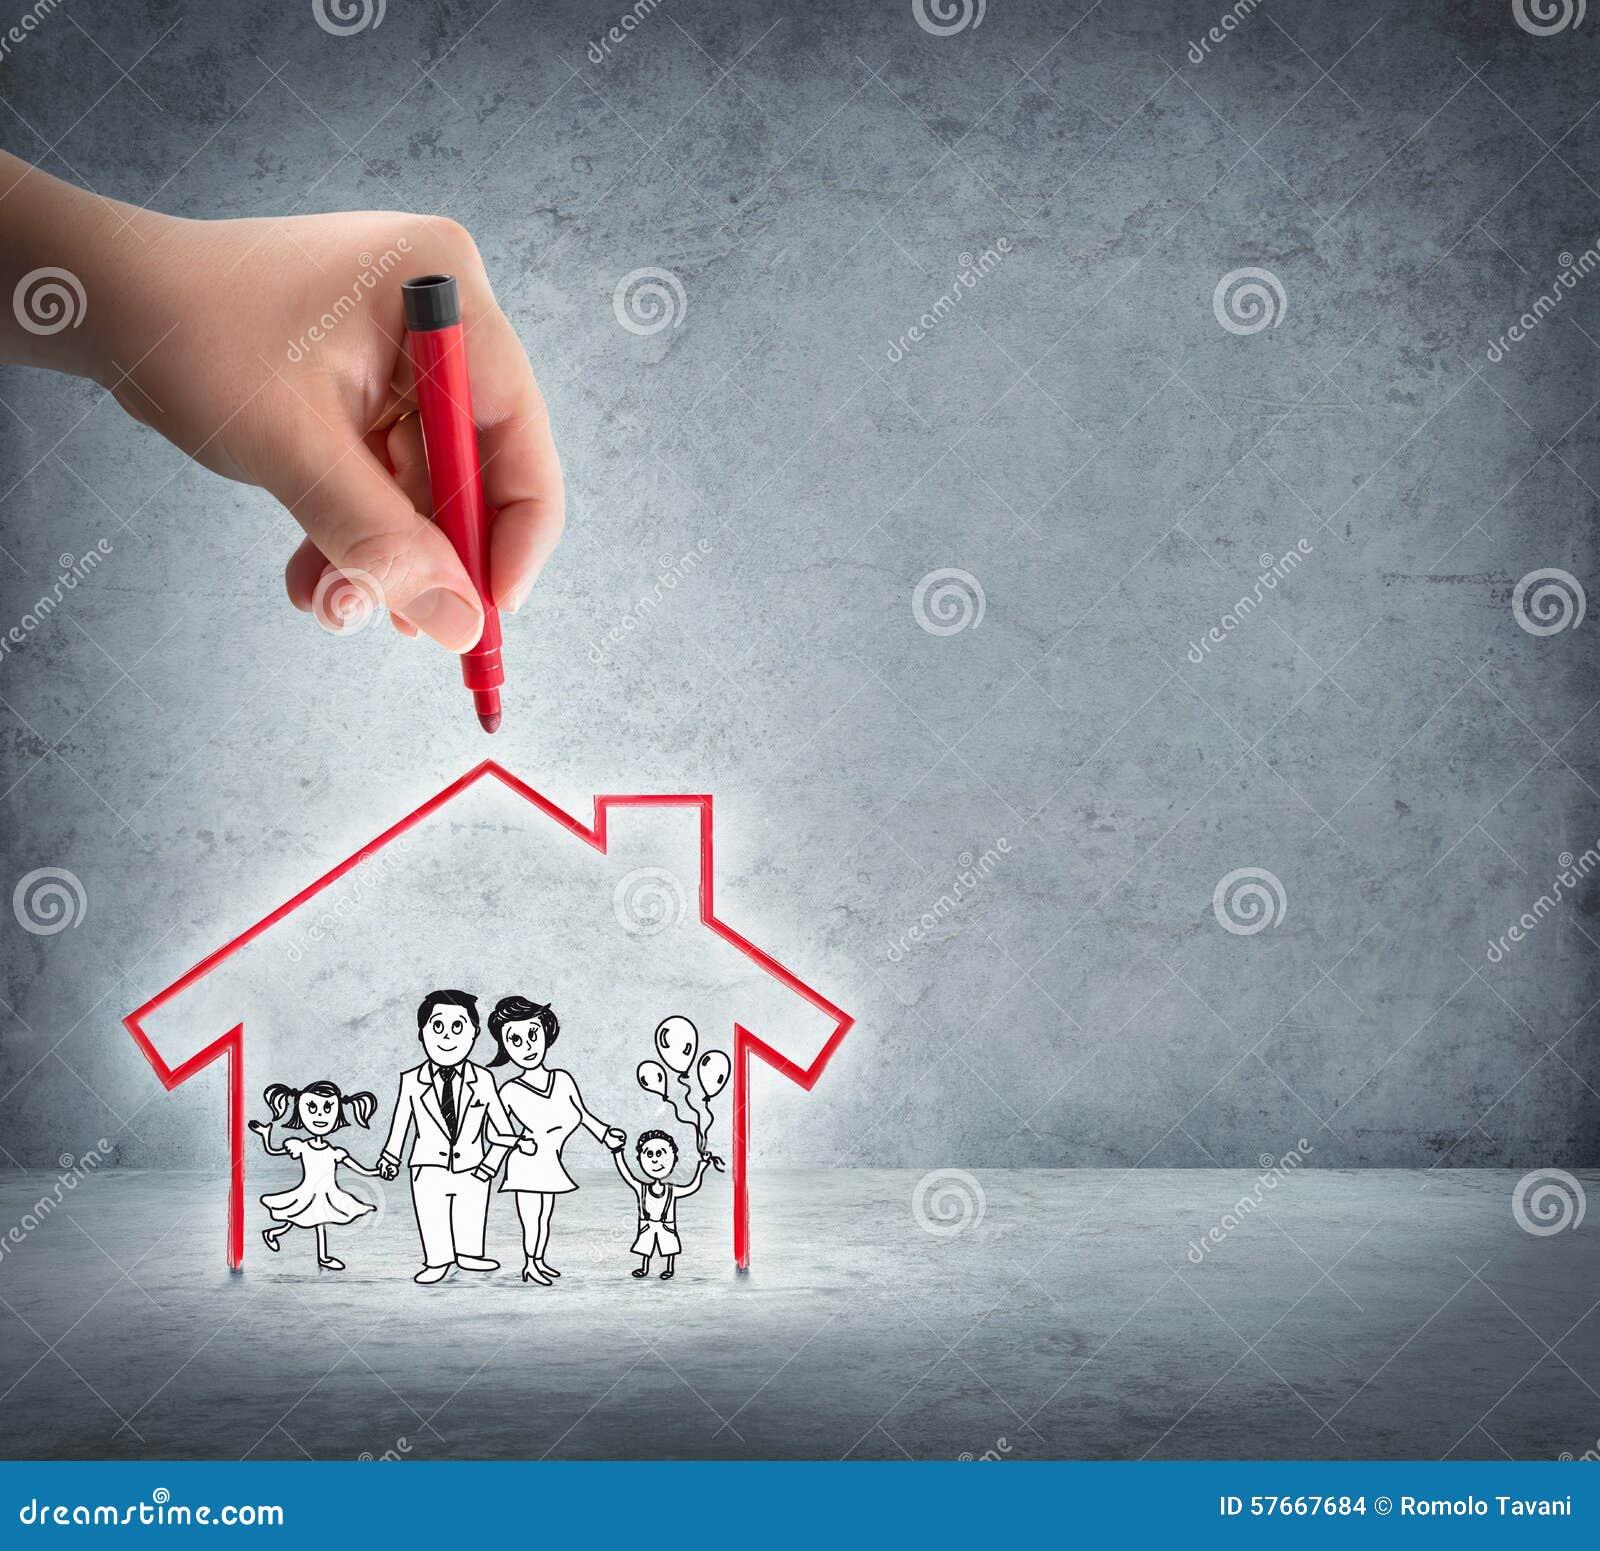 Realização de sua casa